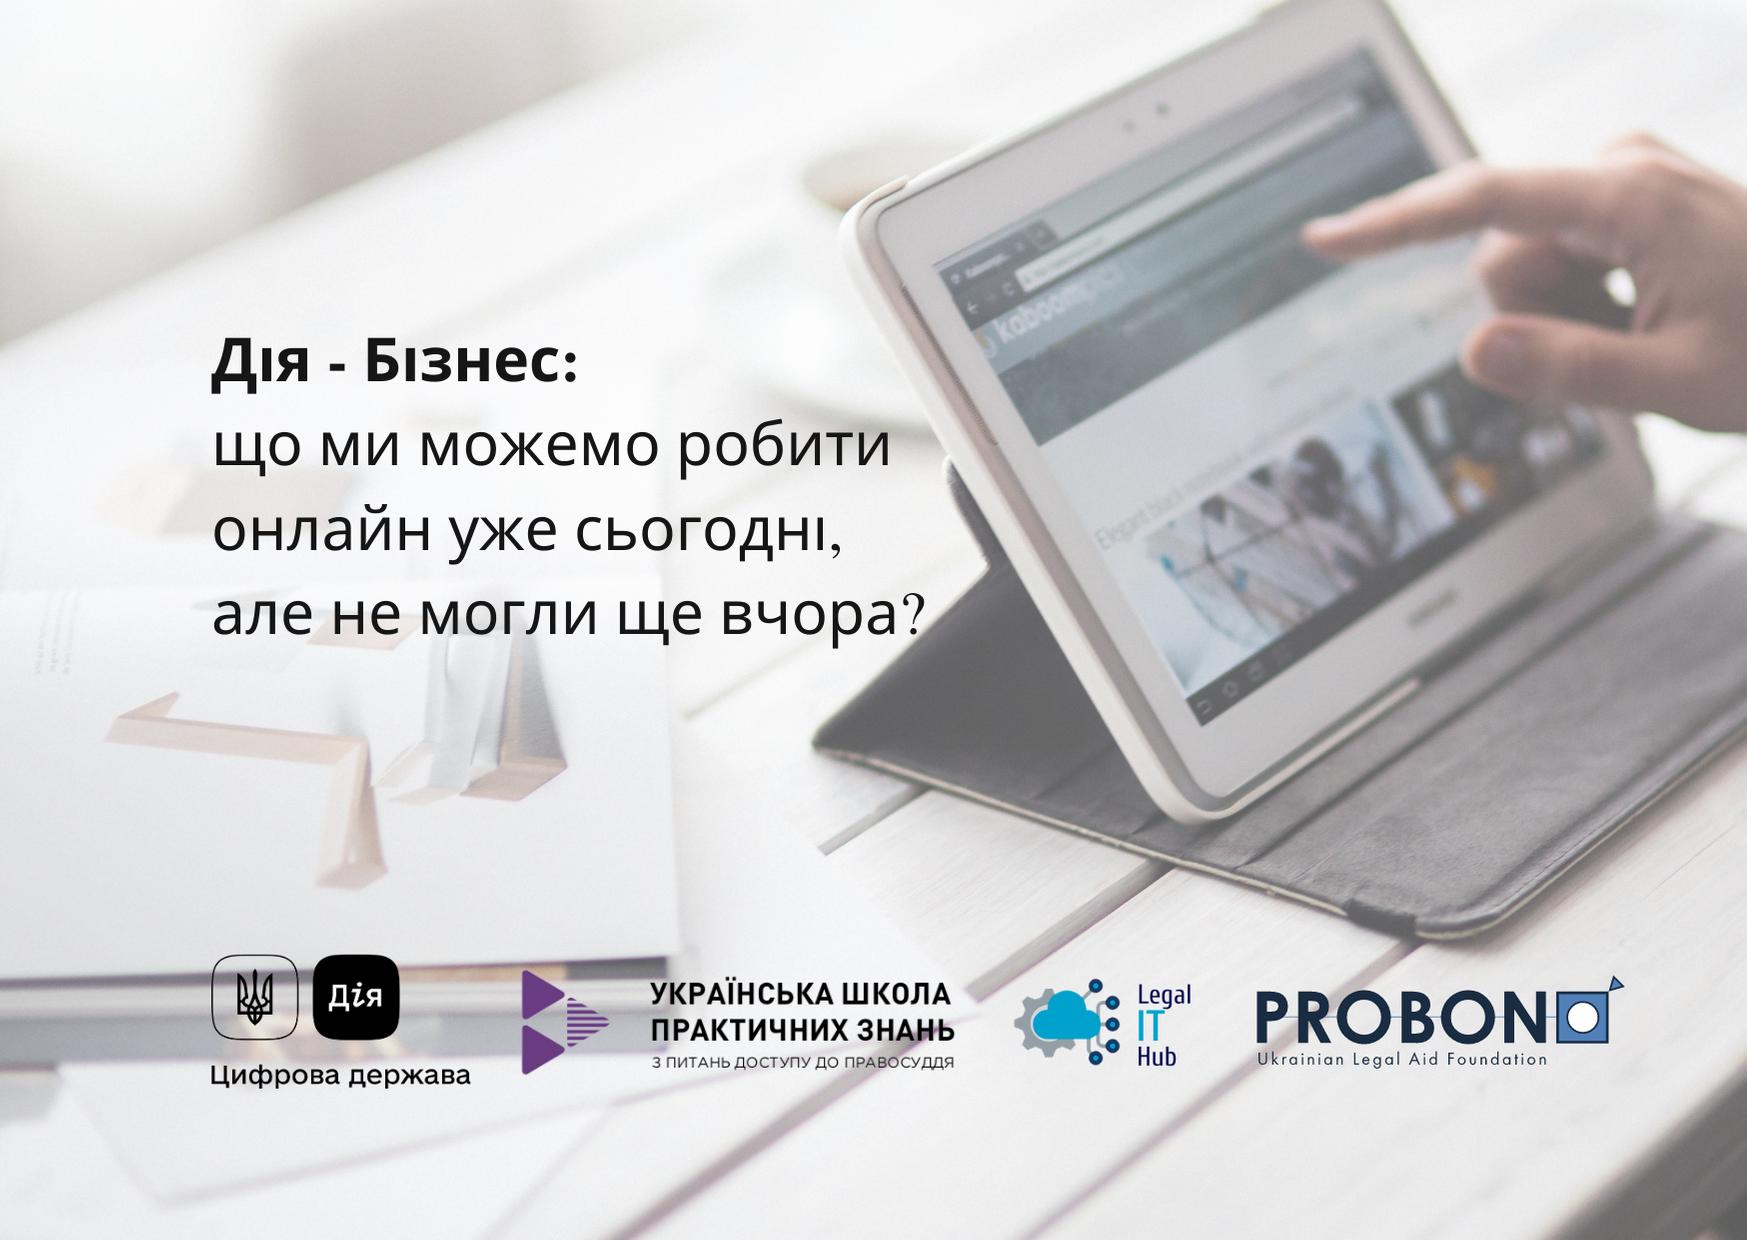 Дистанційна перевірка інформації, реєстрація ТОВ та інше. Запрошуємо на вебінар про можливості Дії для бізнесу